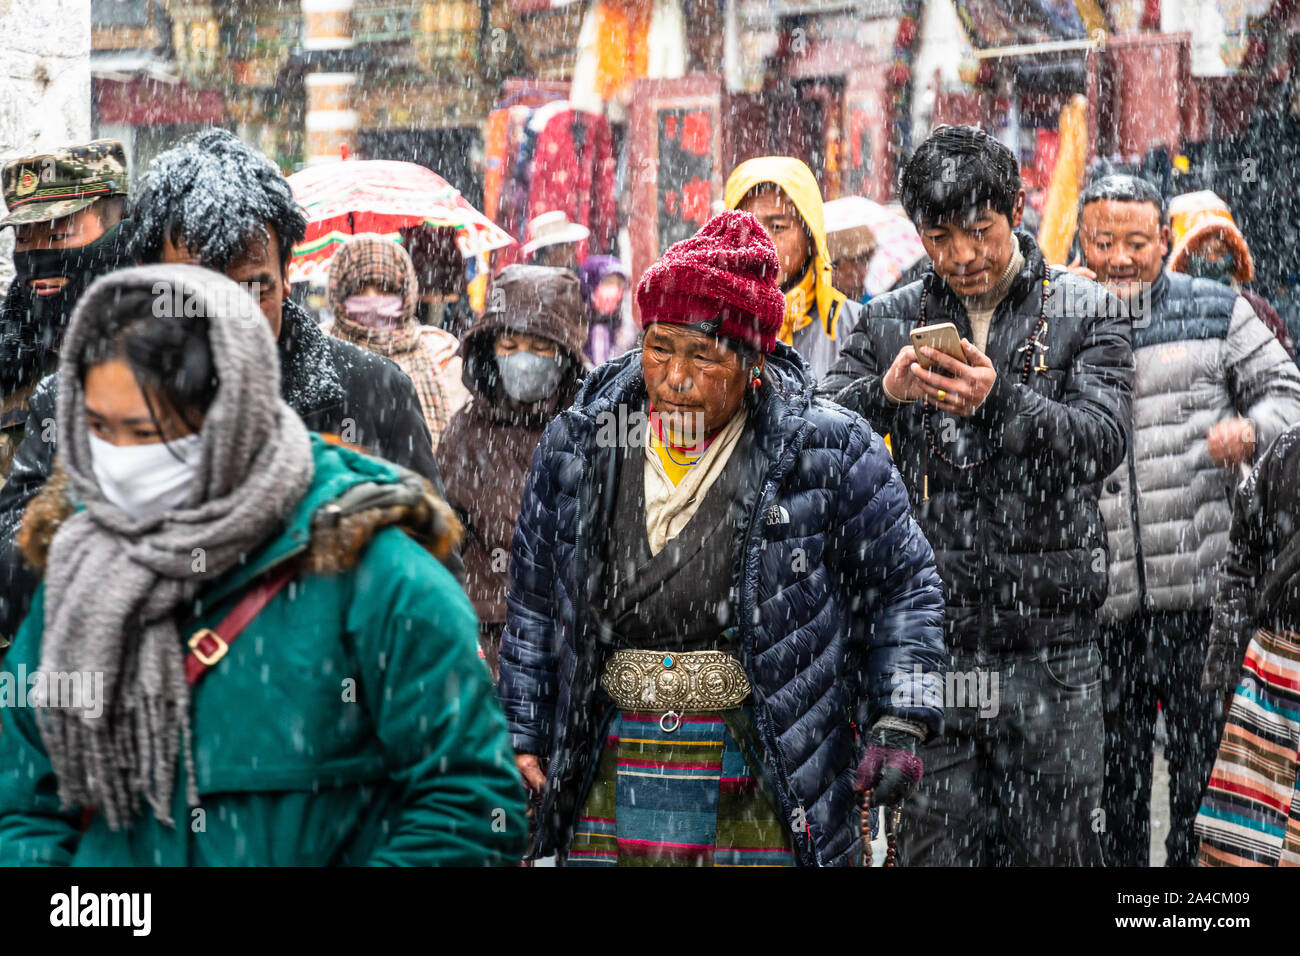 Lhasa, China - 26. Dezember 2018: die tibetischen Buddhisten devouts führen Sie eine kora um den Jokhang Tempel entlang Barkhor Straße in der Altstadt von Lhasa in Tibet Stockfoto